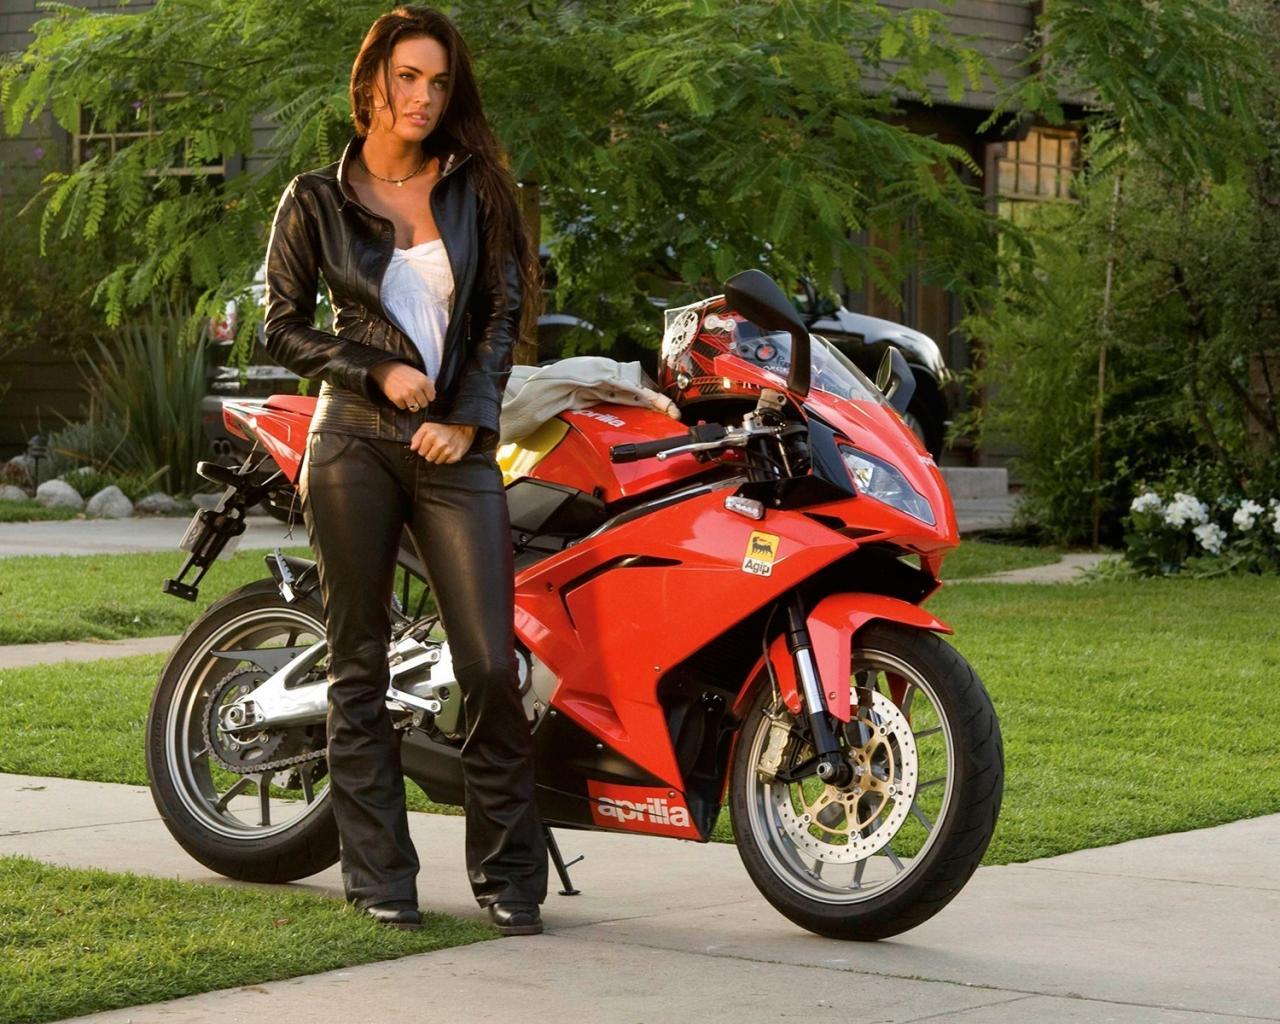 Девушка и мотоцикл, красивое фото